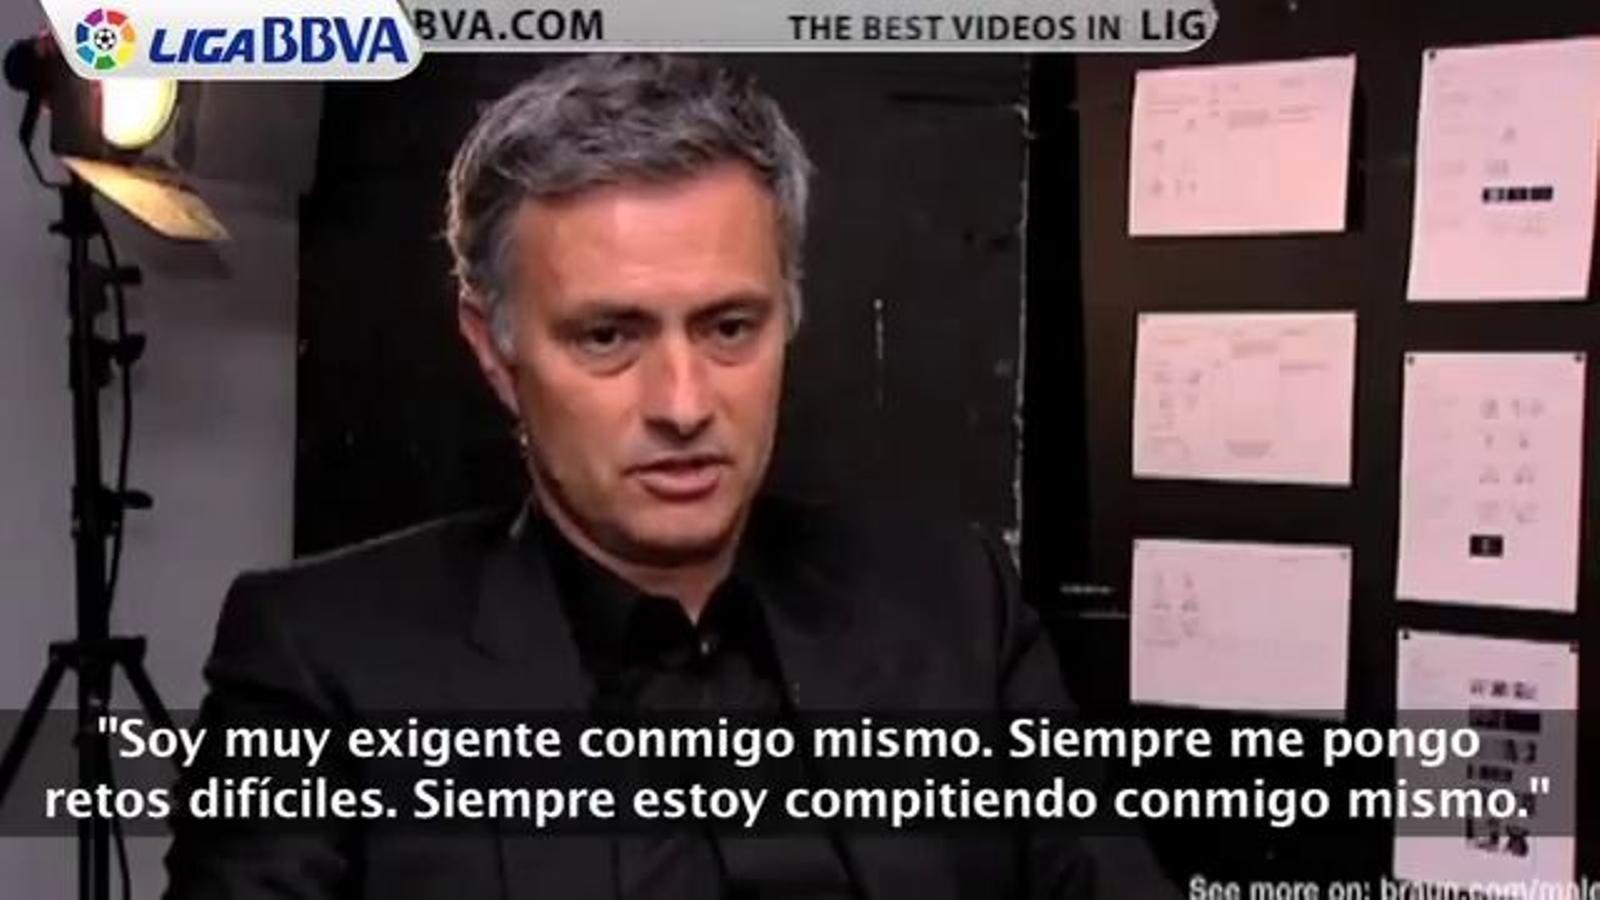 Mourinho: Sóc molt exigent amb mi mateix